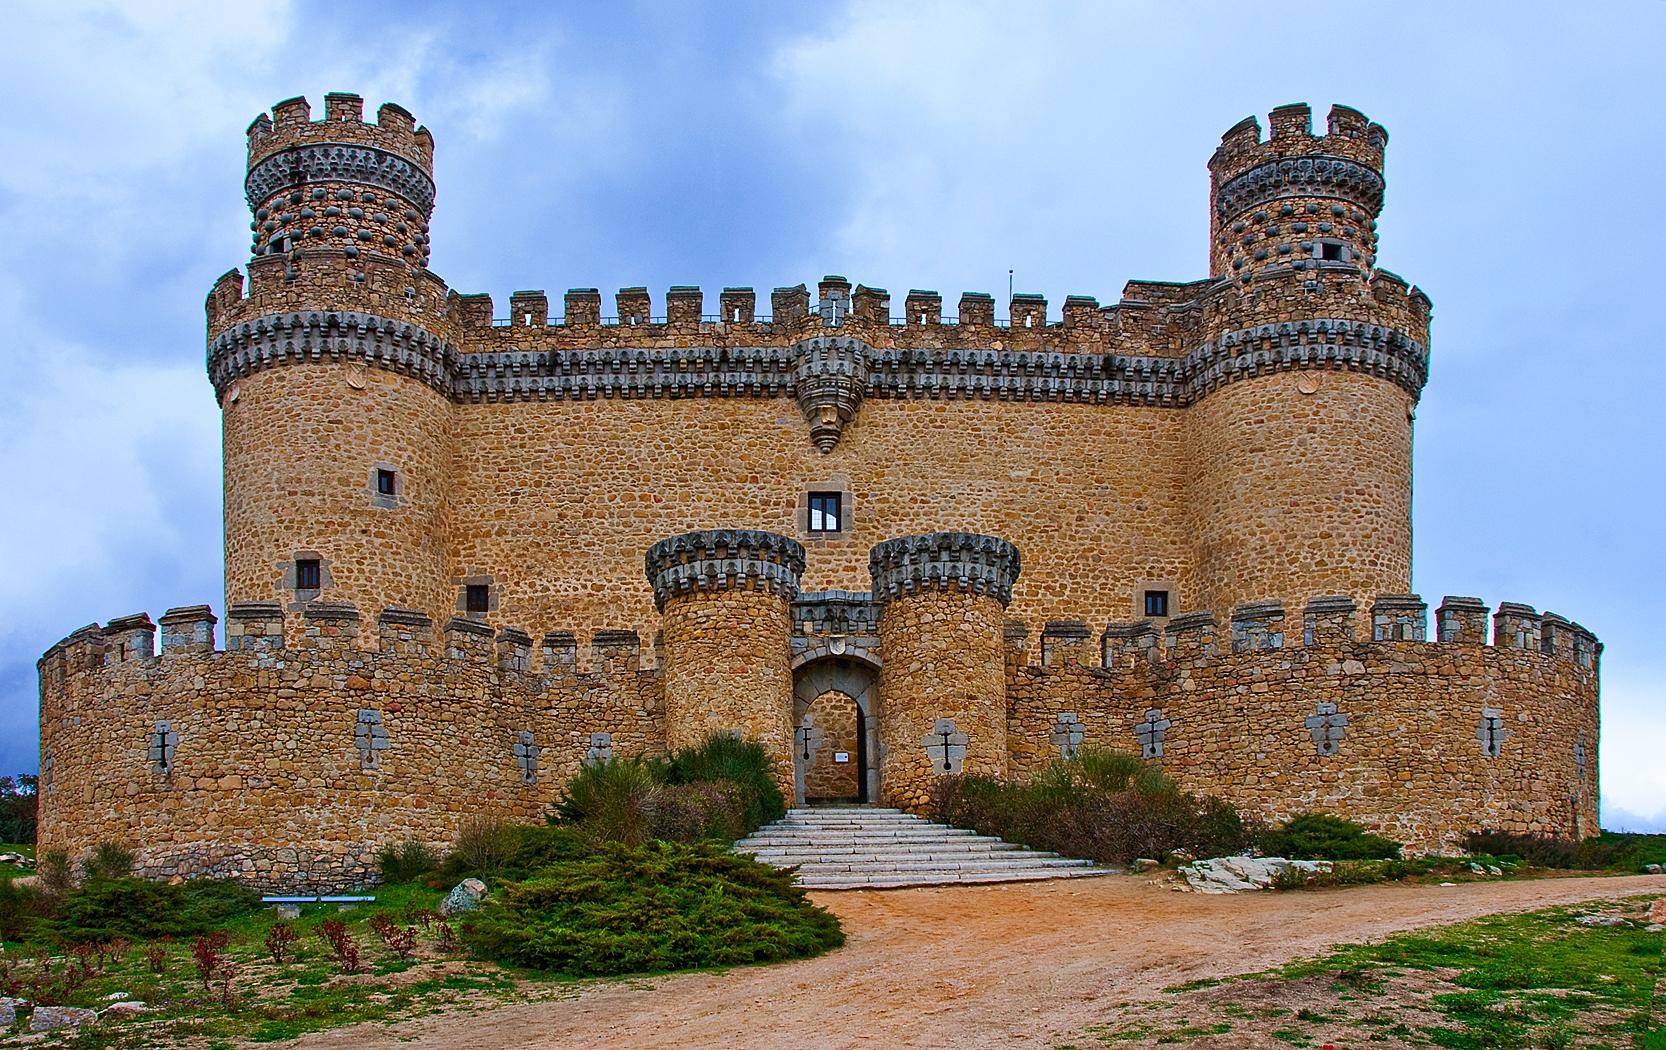 Ch teaux et forteresses d espagne madrid 2 tout aide - Casa en manzanares el real ...